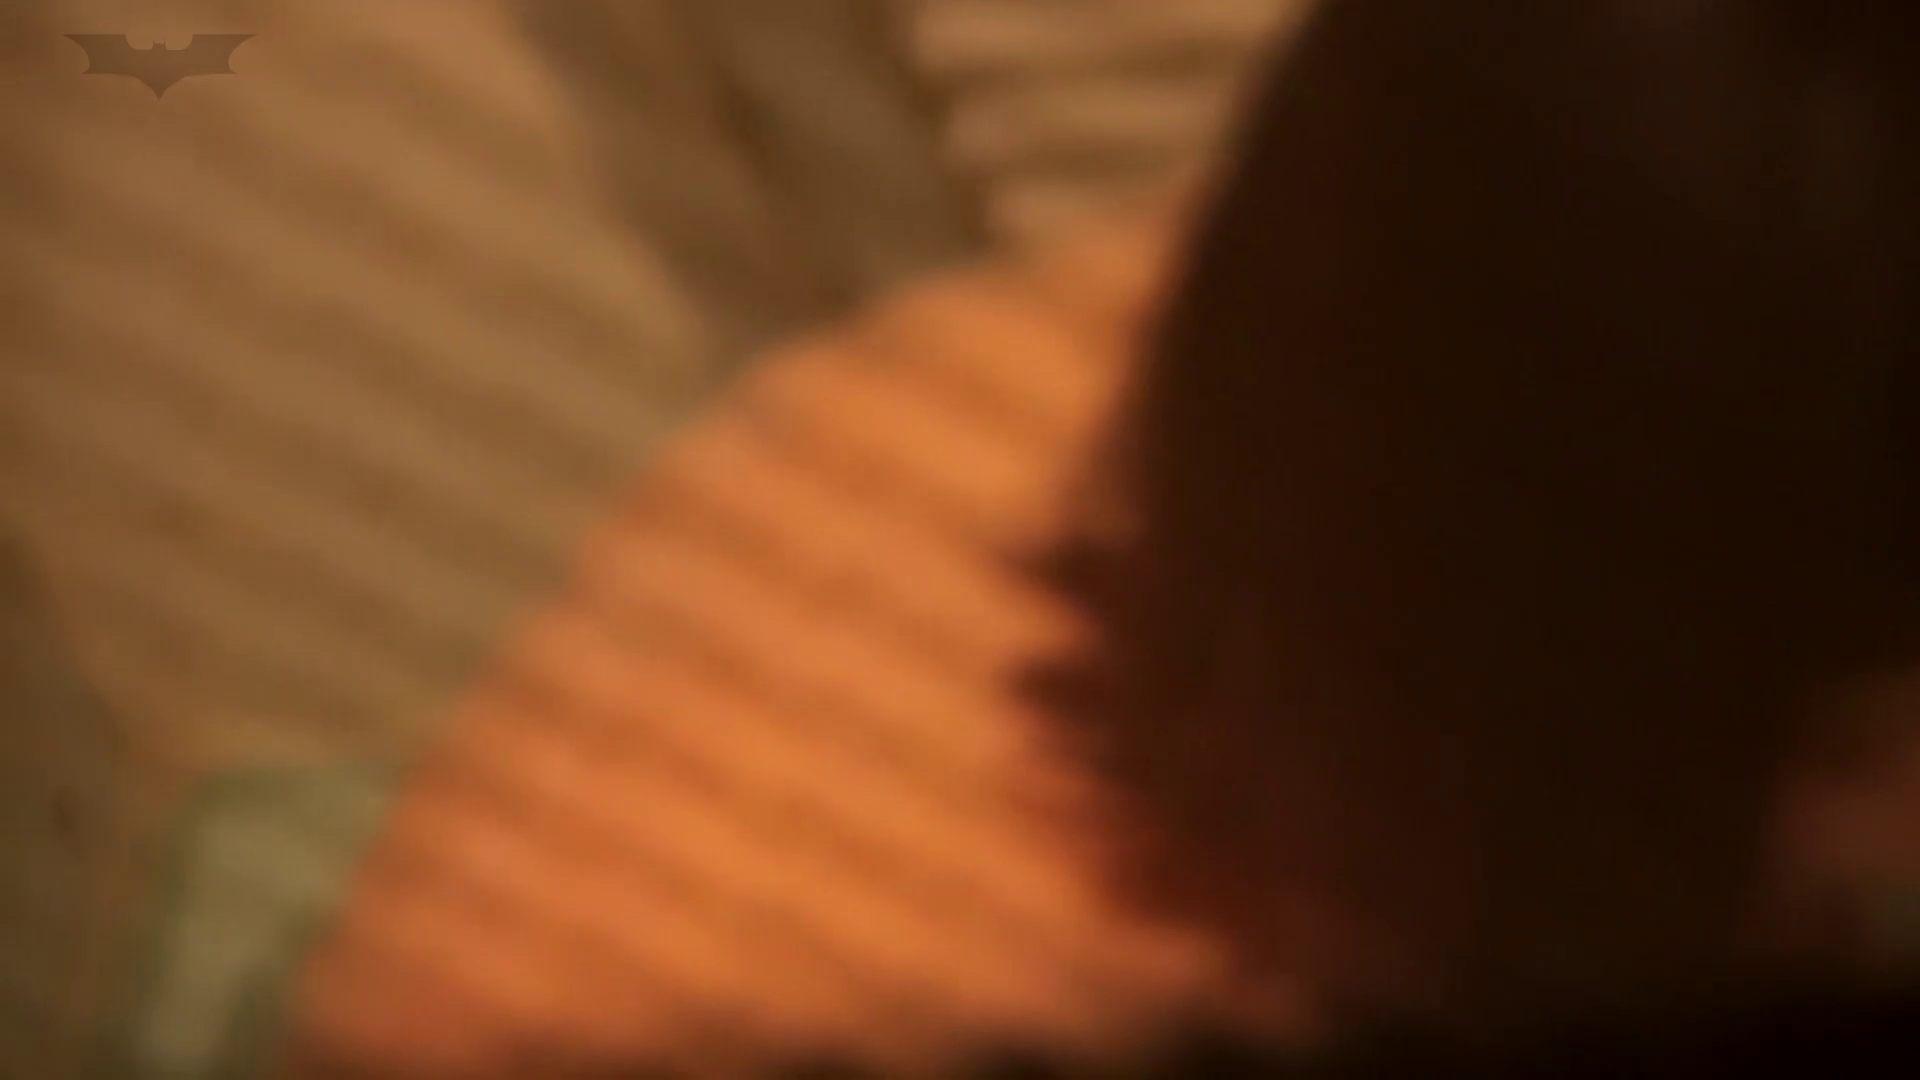 *華の女子寮ノゾキ* vol.02 Eカップがぷるぷる揺れるコ 隠れた名作 すけべAV動画紹介 72画像 42